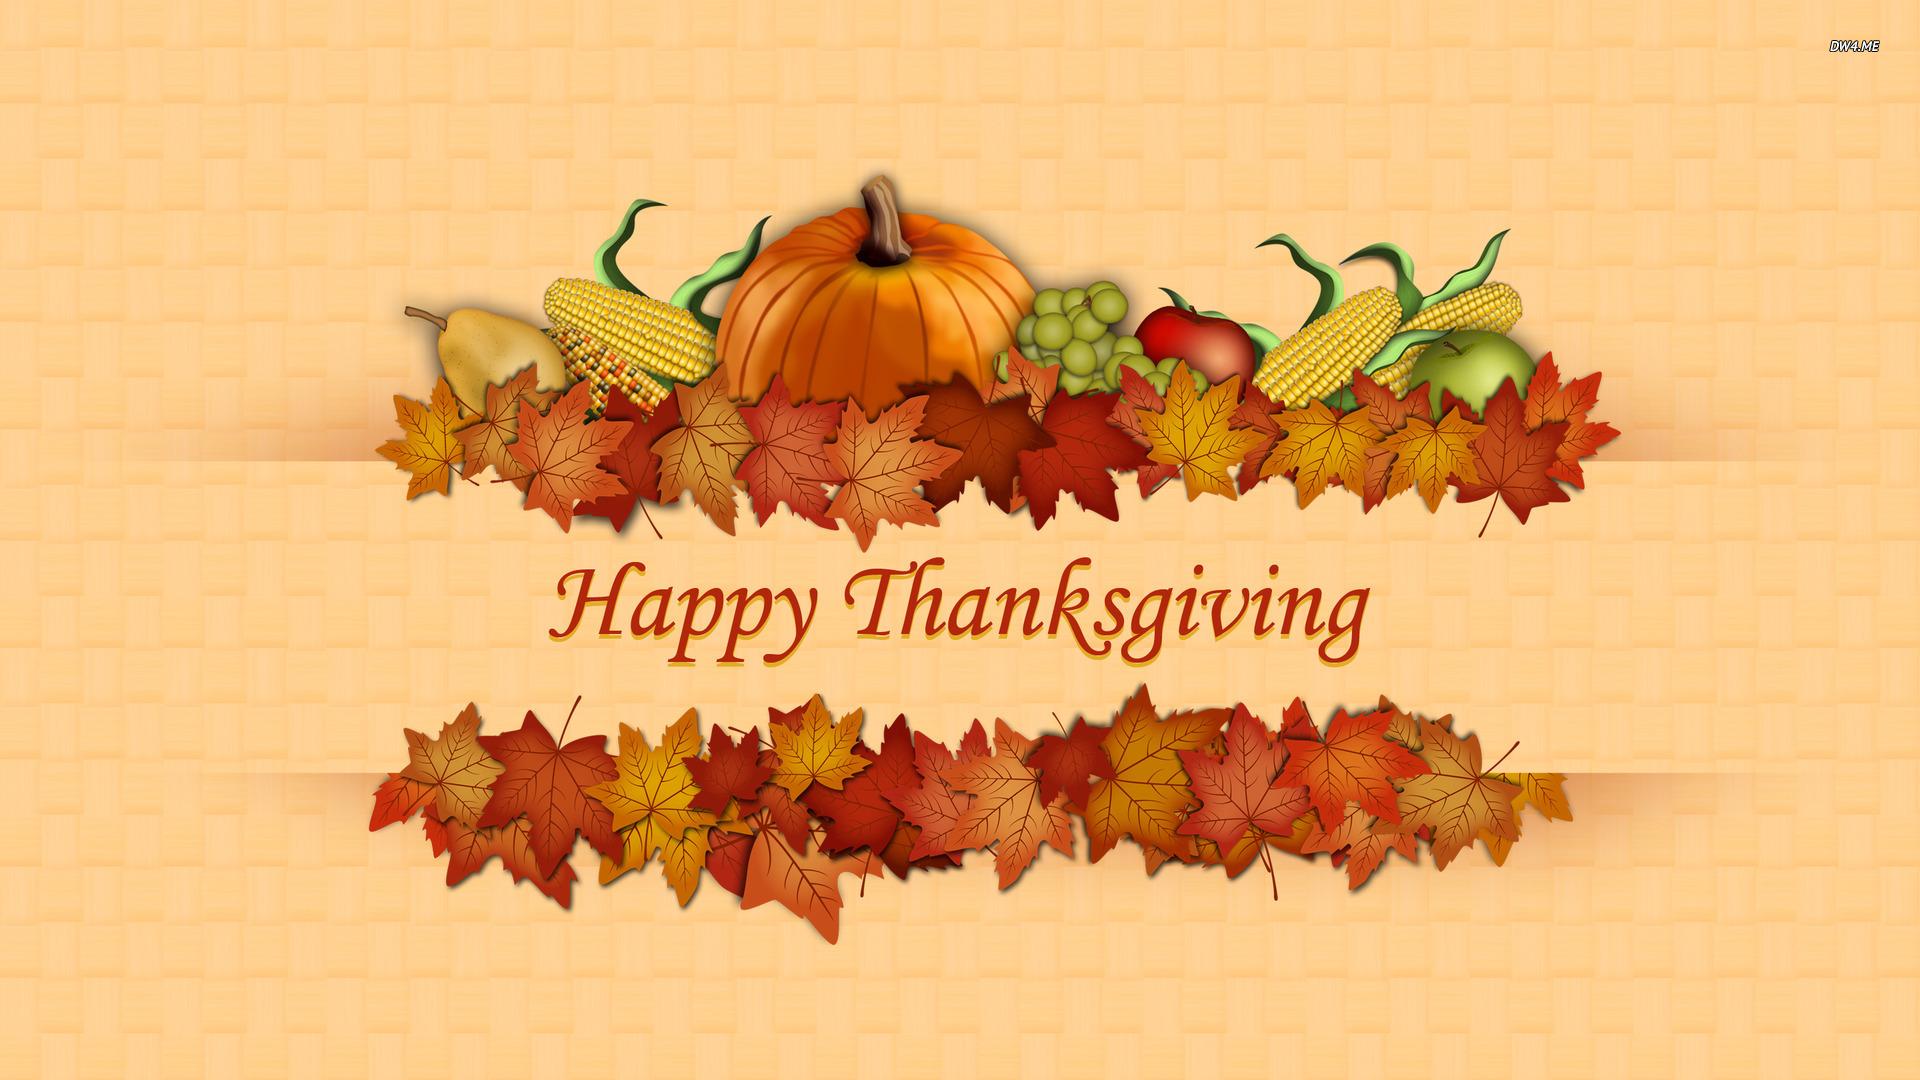 Thanksgiving Desktop Wallpaper Backgrounds 1920x1080